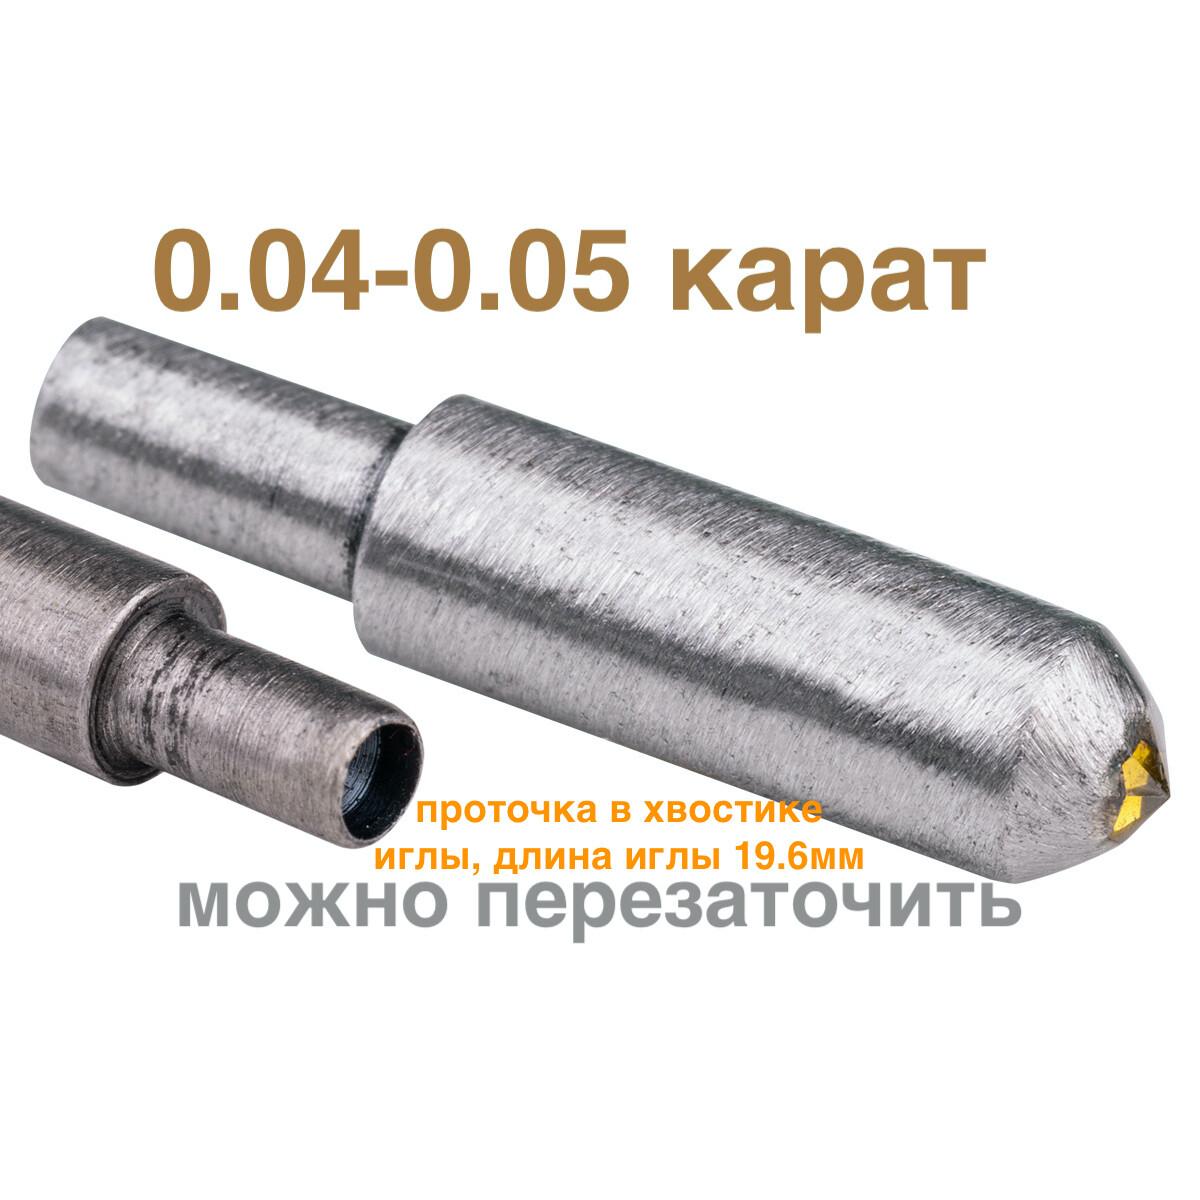 0,04-0,05кт. (Сауно 7.2) <115°8гр. алмазная игла для станка (№1)